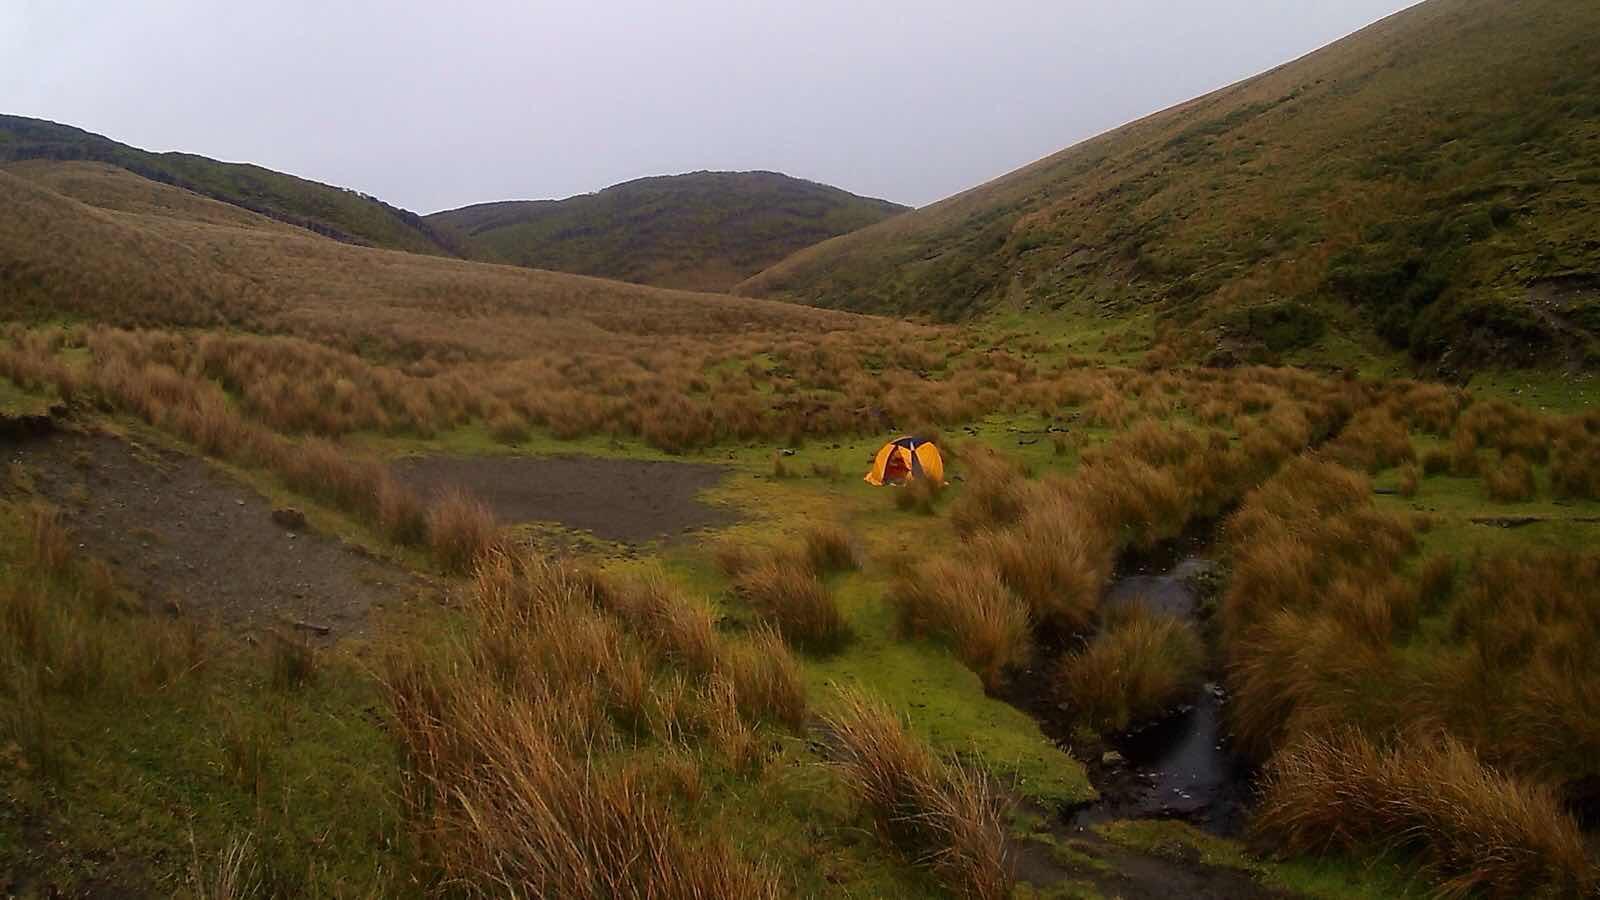 Rio Bagualero